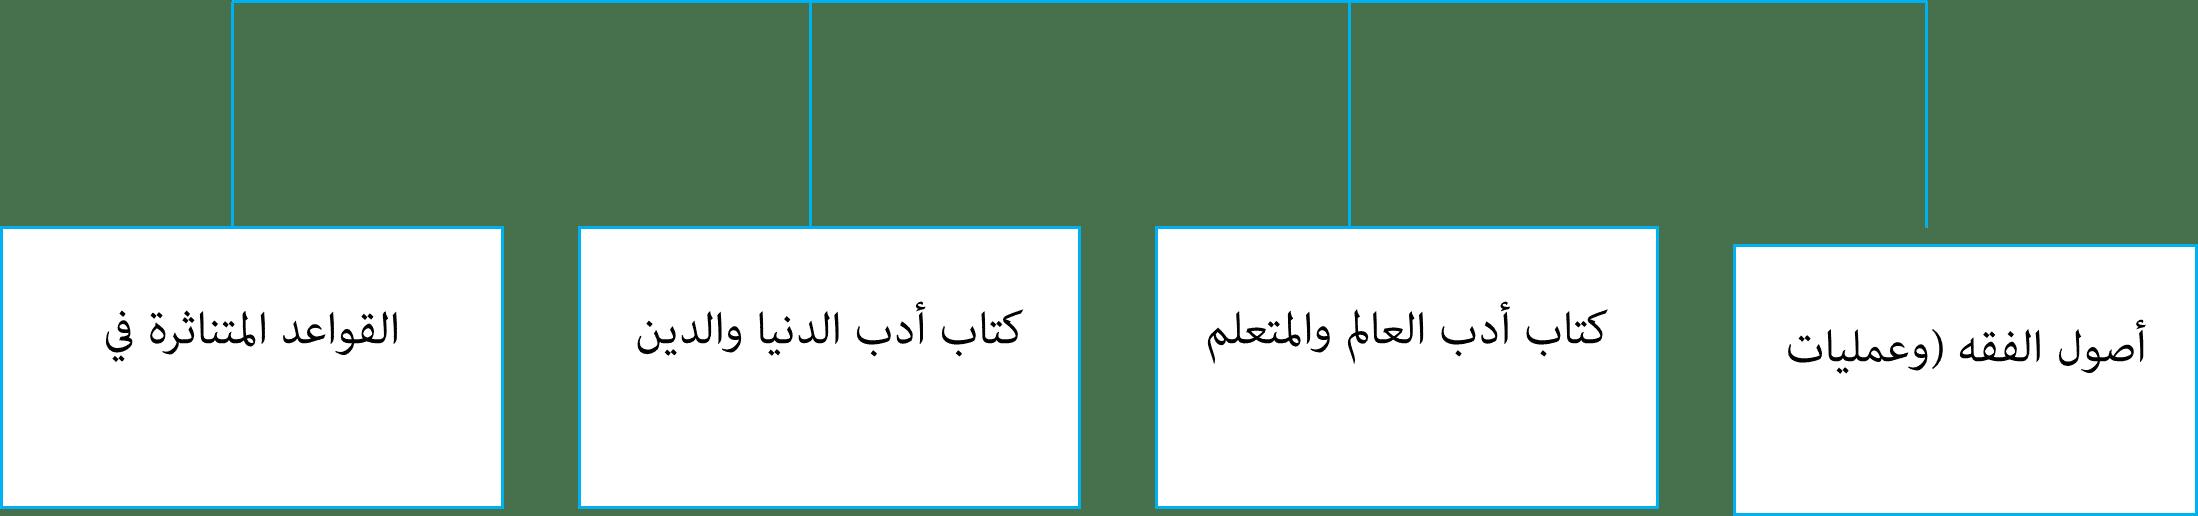 المنهجية الإسلامية التطبيقات ونماذج التشغيل-2